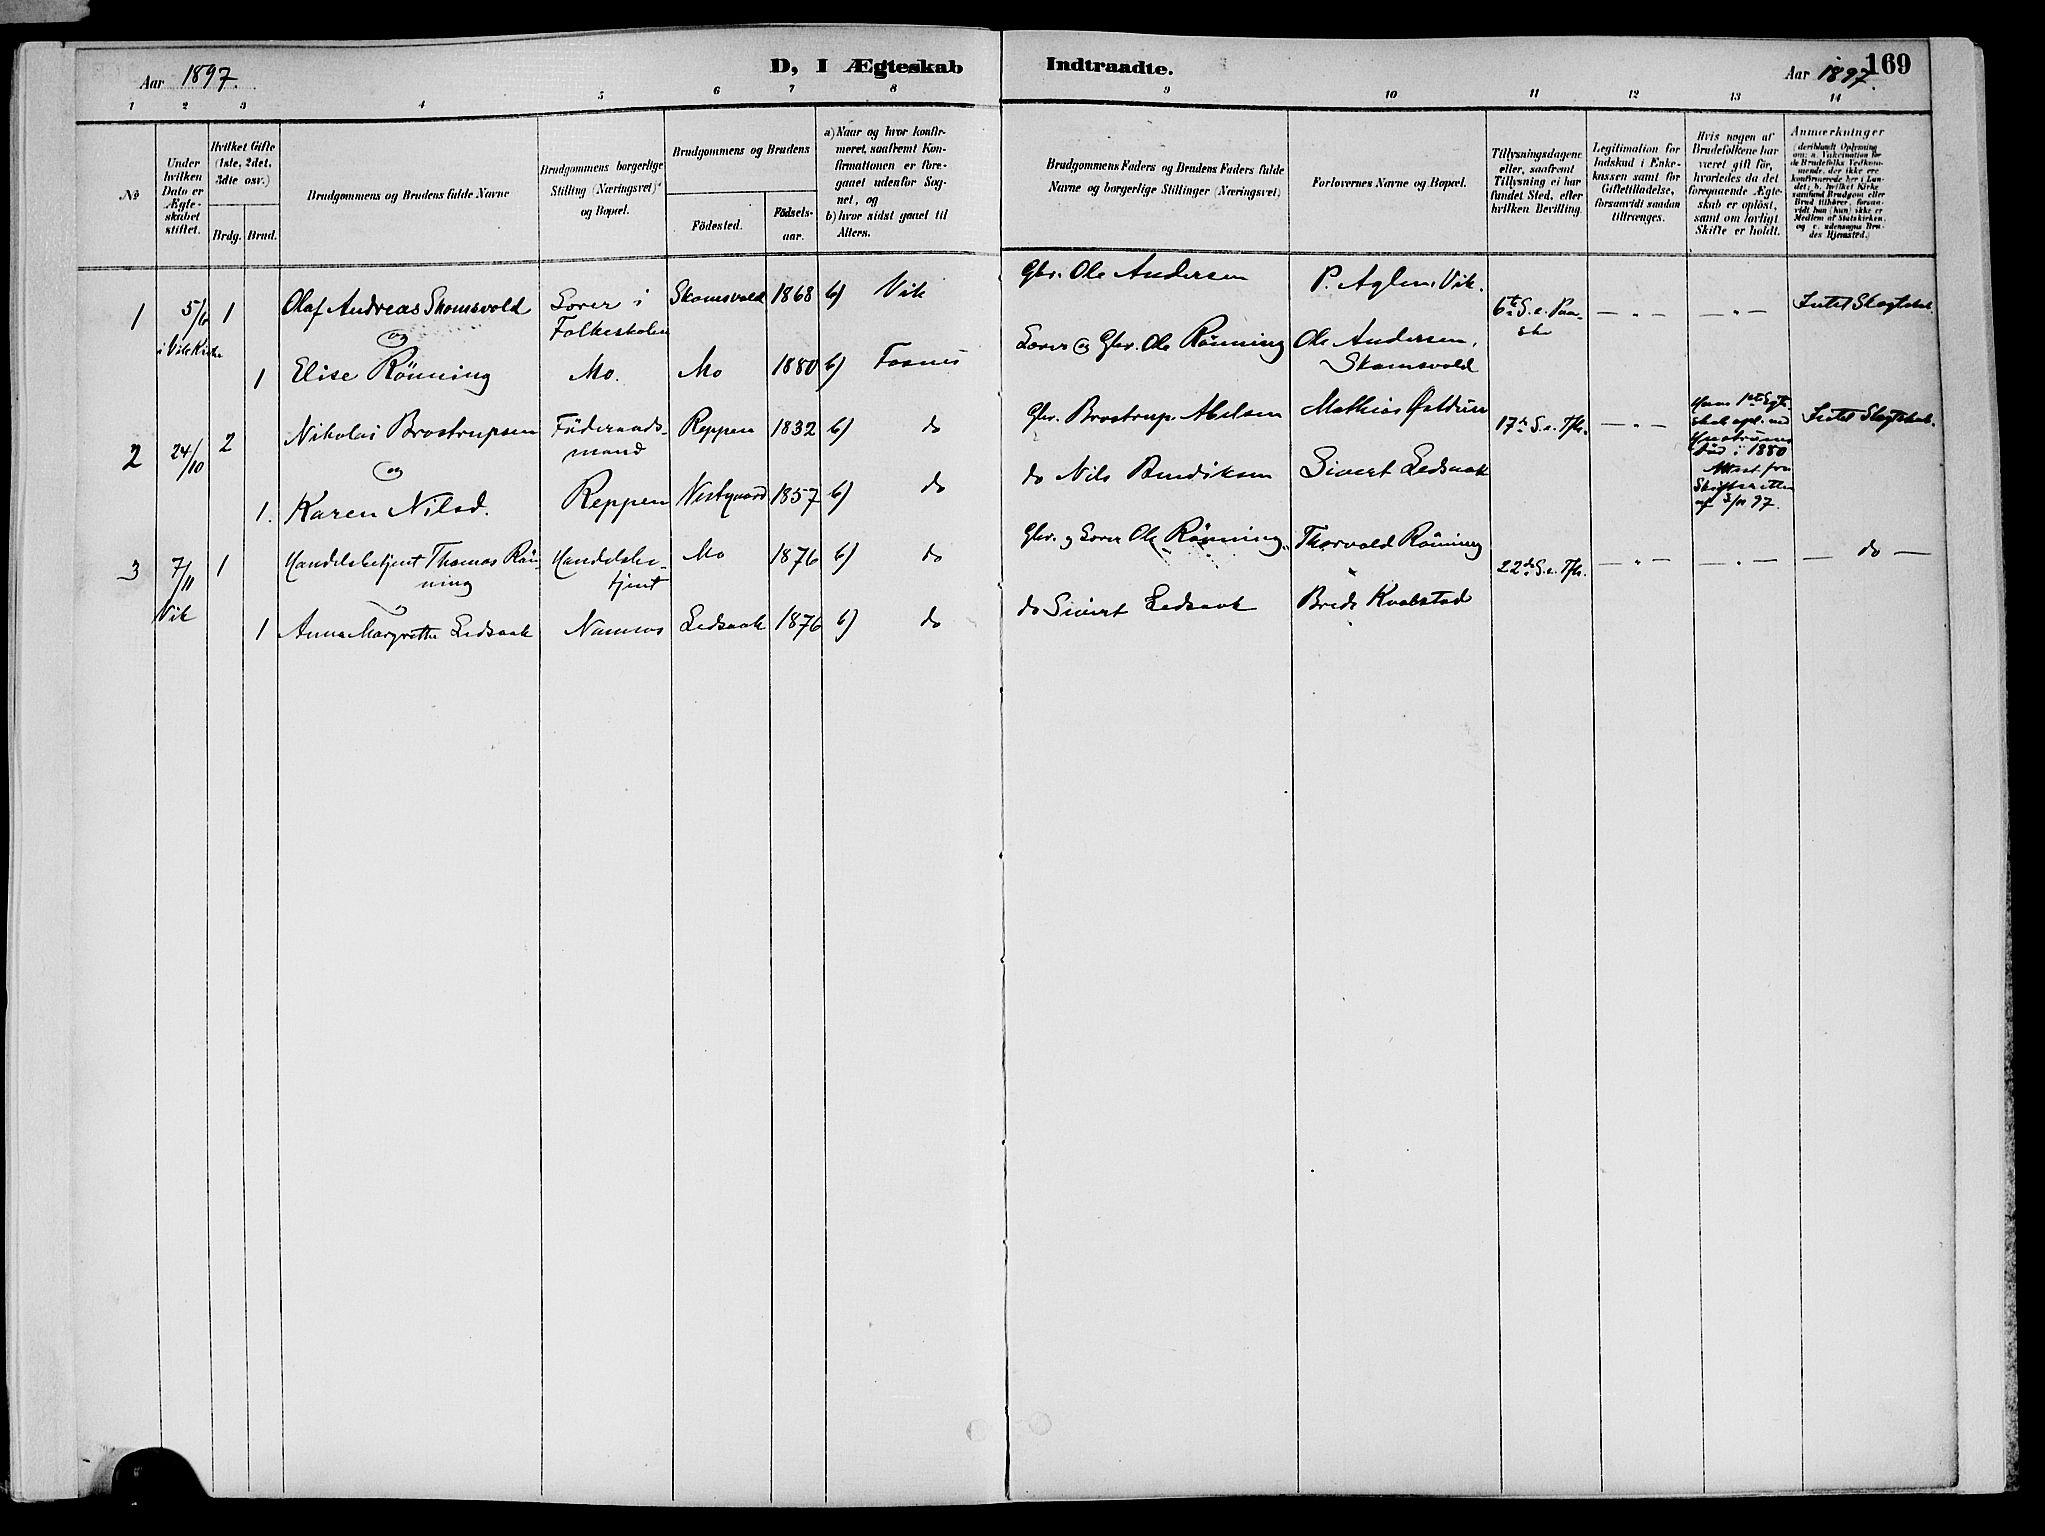 SAT, Ministerialprotokoller, klokkerbøker og fødselsregistre - Nord-Trøndelag, 773/L0617: Ministerialbok nr. 773A08, 1887-1910, s. 169